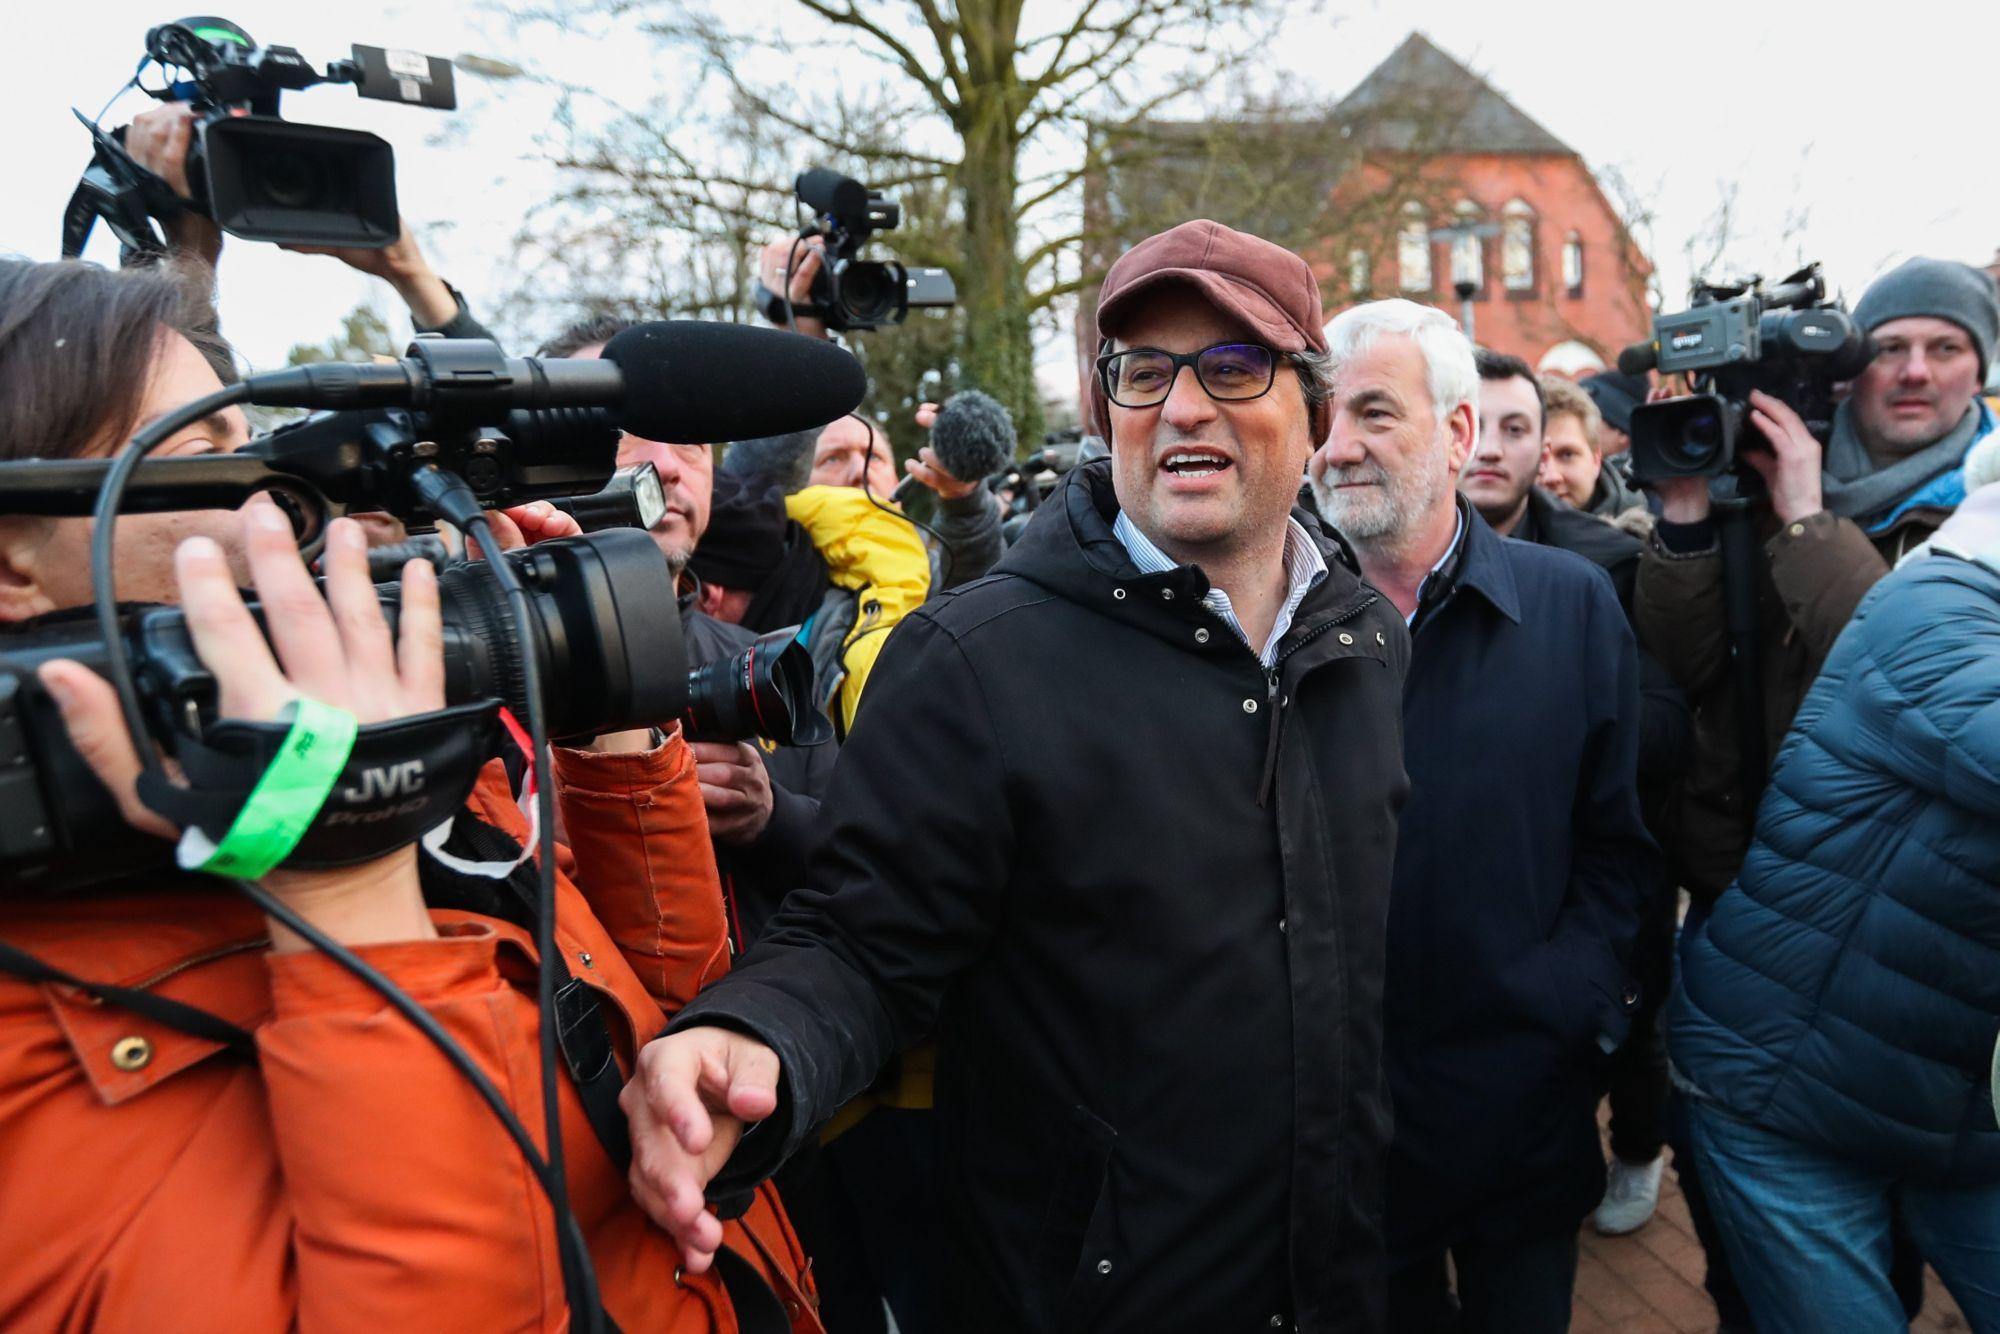 Quim Torra, katalán politikus a neumünsteri börtön előtt nyilatkozik a sajtónak 2018. március 26-án, Németországban. A német rendőrség március 25-én fogta el Carles Puigdemont volt katalán elnököt, miután Dániából Németországba lépett át. Puigdemont ellen európai elfogatóparancso adott ki a spanyol kormány. EPA/SRDJAN SUKI